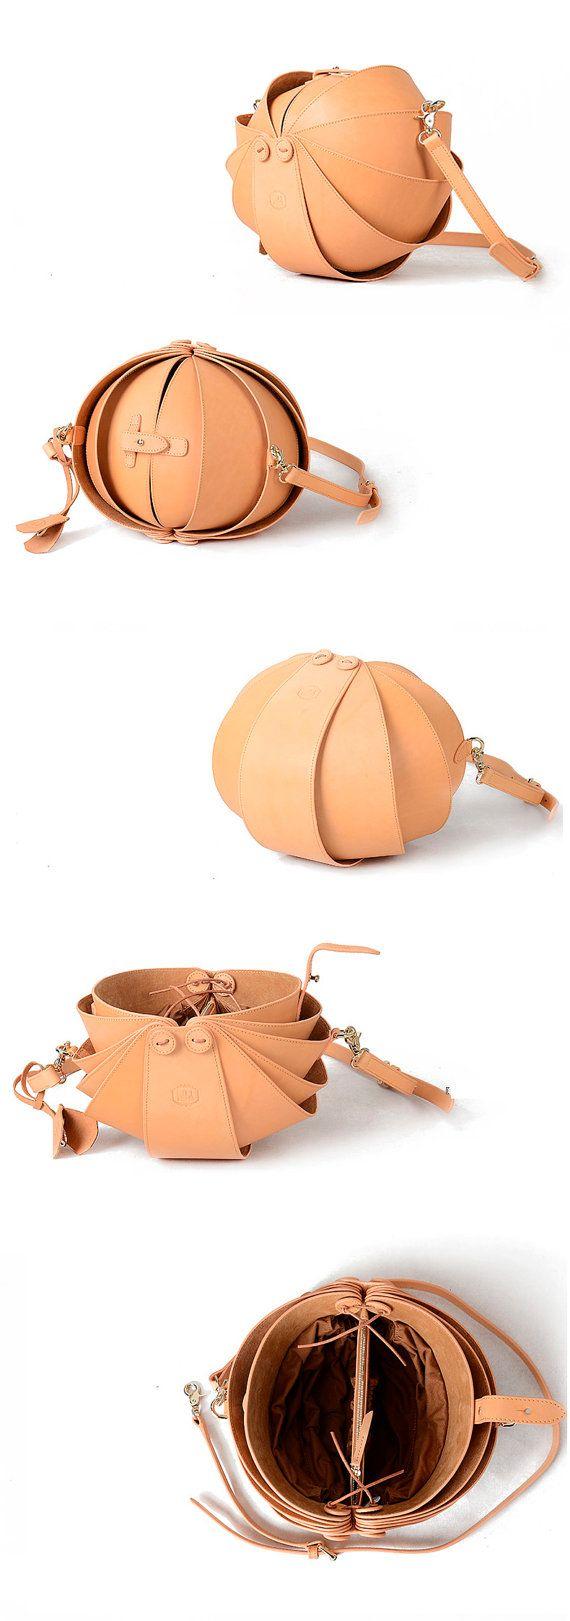 Nue sac à bandoulière rond Body Bag-Large du Cross-cuir pour femmes-Original élégant sac à main coccinelle sac de la meilleure qualité et garantie de retours gratuits